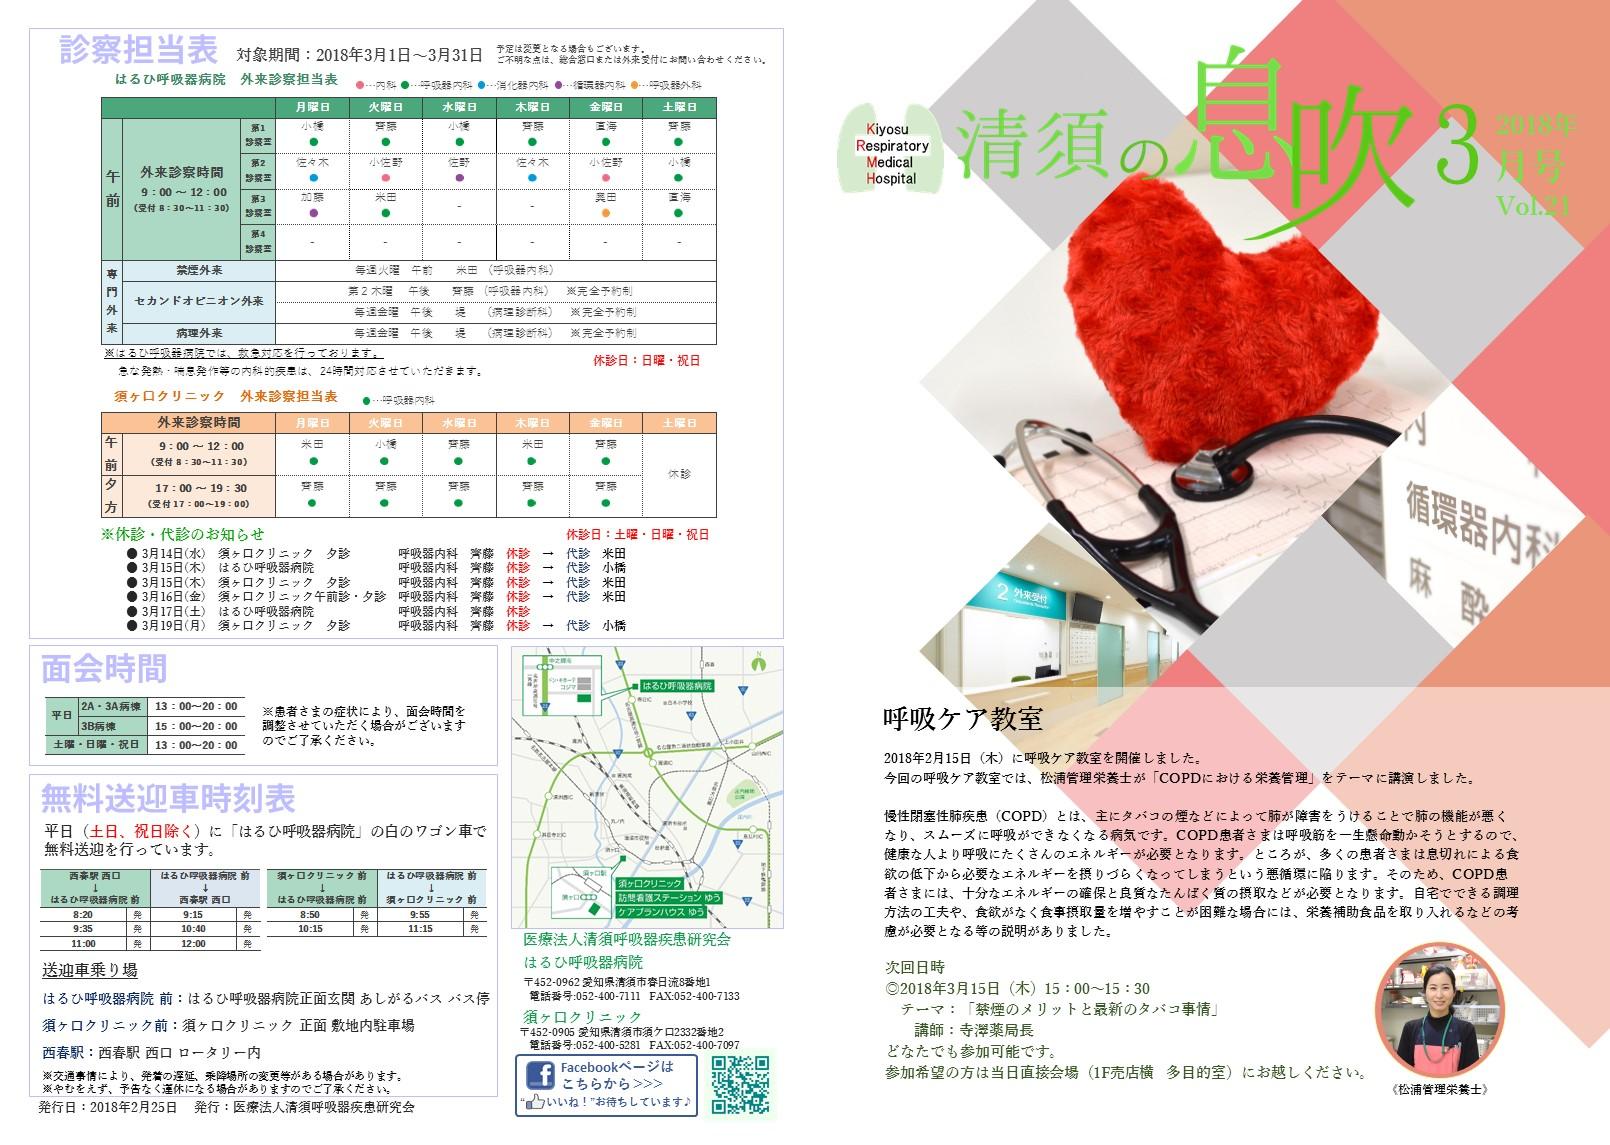 201803清須の息吹【HP】1